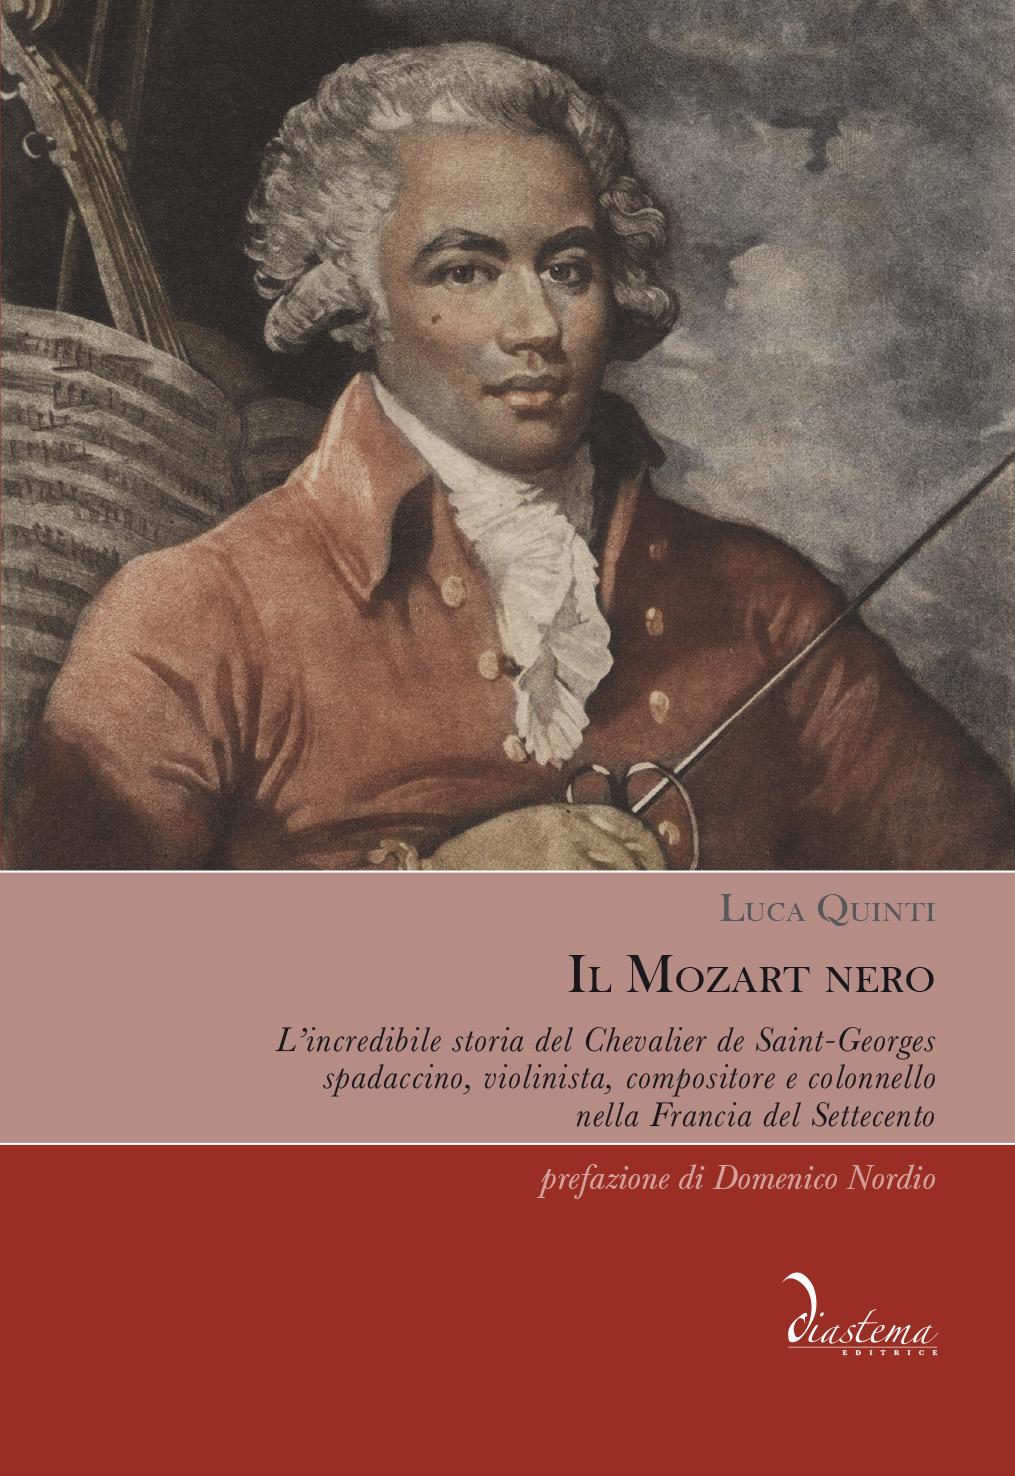 """<p><strong><span style=""""color: #000;"""">Luca Quinti<p><span style=""""color: #9a2a32;""""><strong>Il Mozart nero</strong><p><span style=""""color: #000;"""">L'incredibile storia del Chevalier de Saint-Georges, spadaccino, violinista, compositore e colonnello nella Francia del Settecento</span>"""